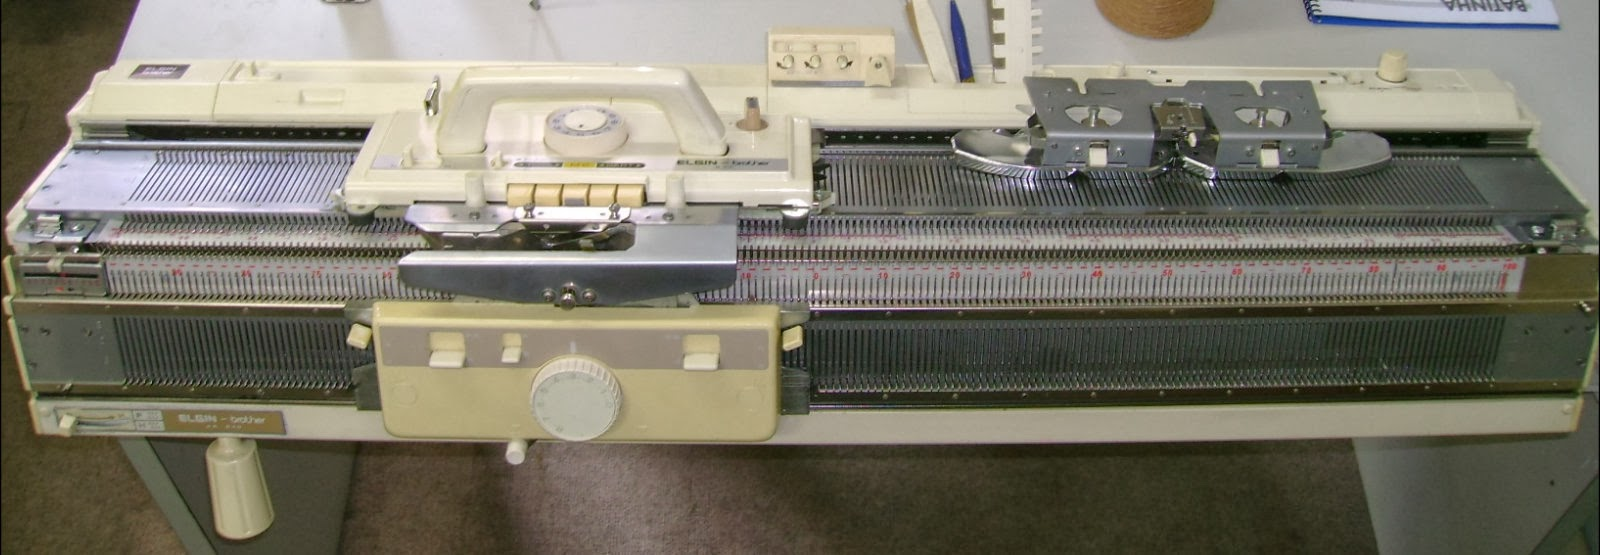 Modelo KH 840 com Frontura KR 091